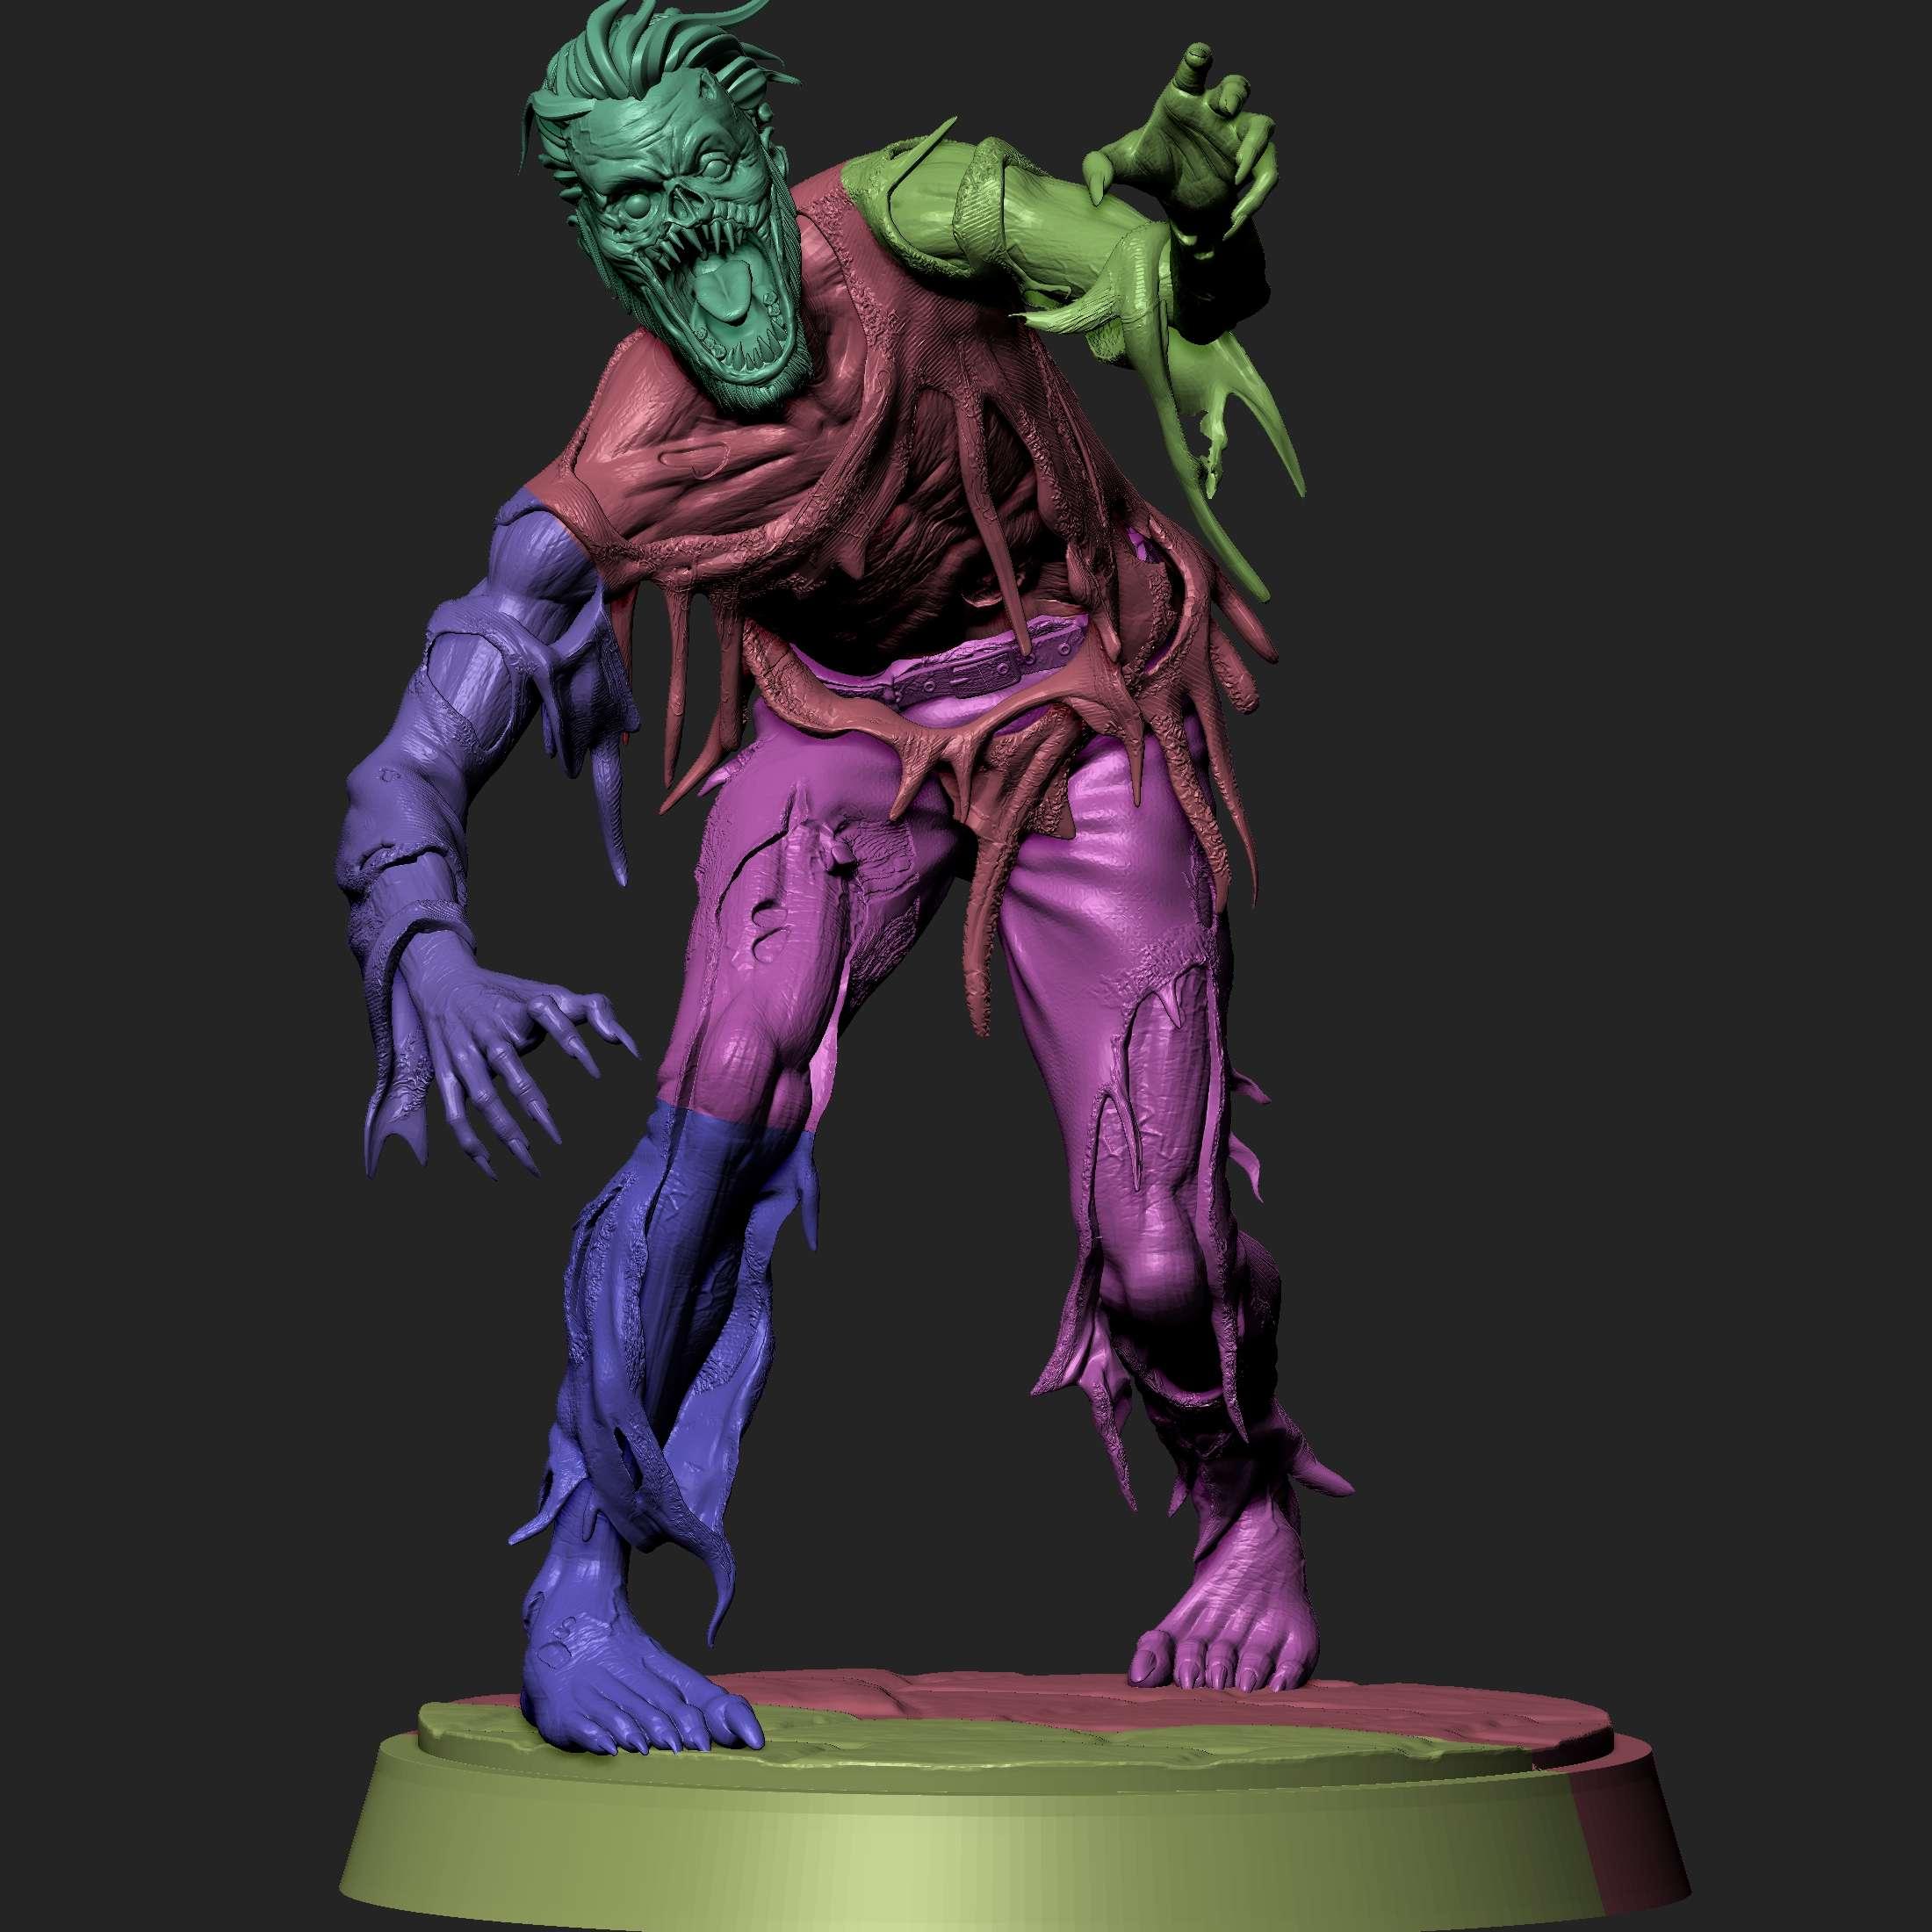 Zombie - Ready to print with cuts and plugs - Los mejores archivos para impresión 3D del mundo. Modelos Stl divididos en partes para facilitar la impresión 3D. Todo tipo de personajes, decoración, cosplay, prótesis, piezas. Calidad en impresión 3D. Modelos 3D asequibles. Bajo costo. Compras colectivas de archivos 3D.